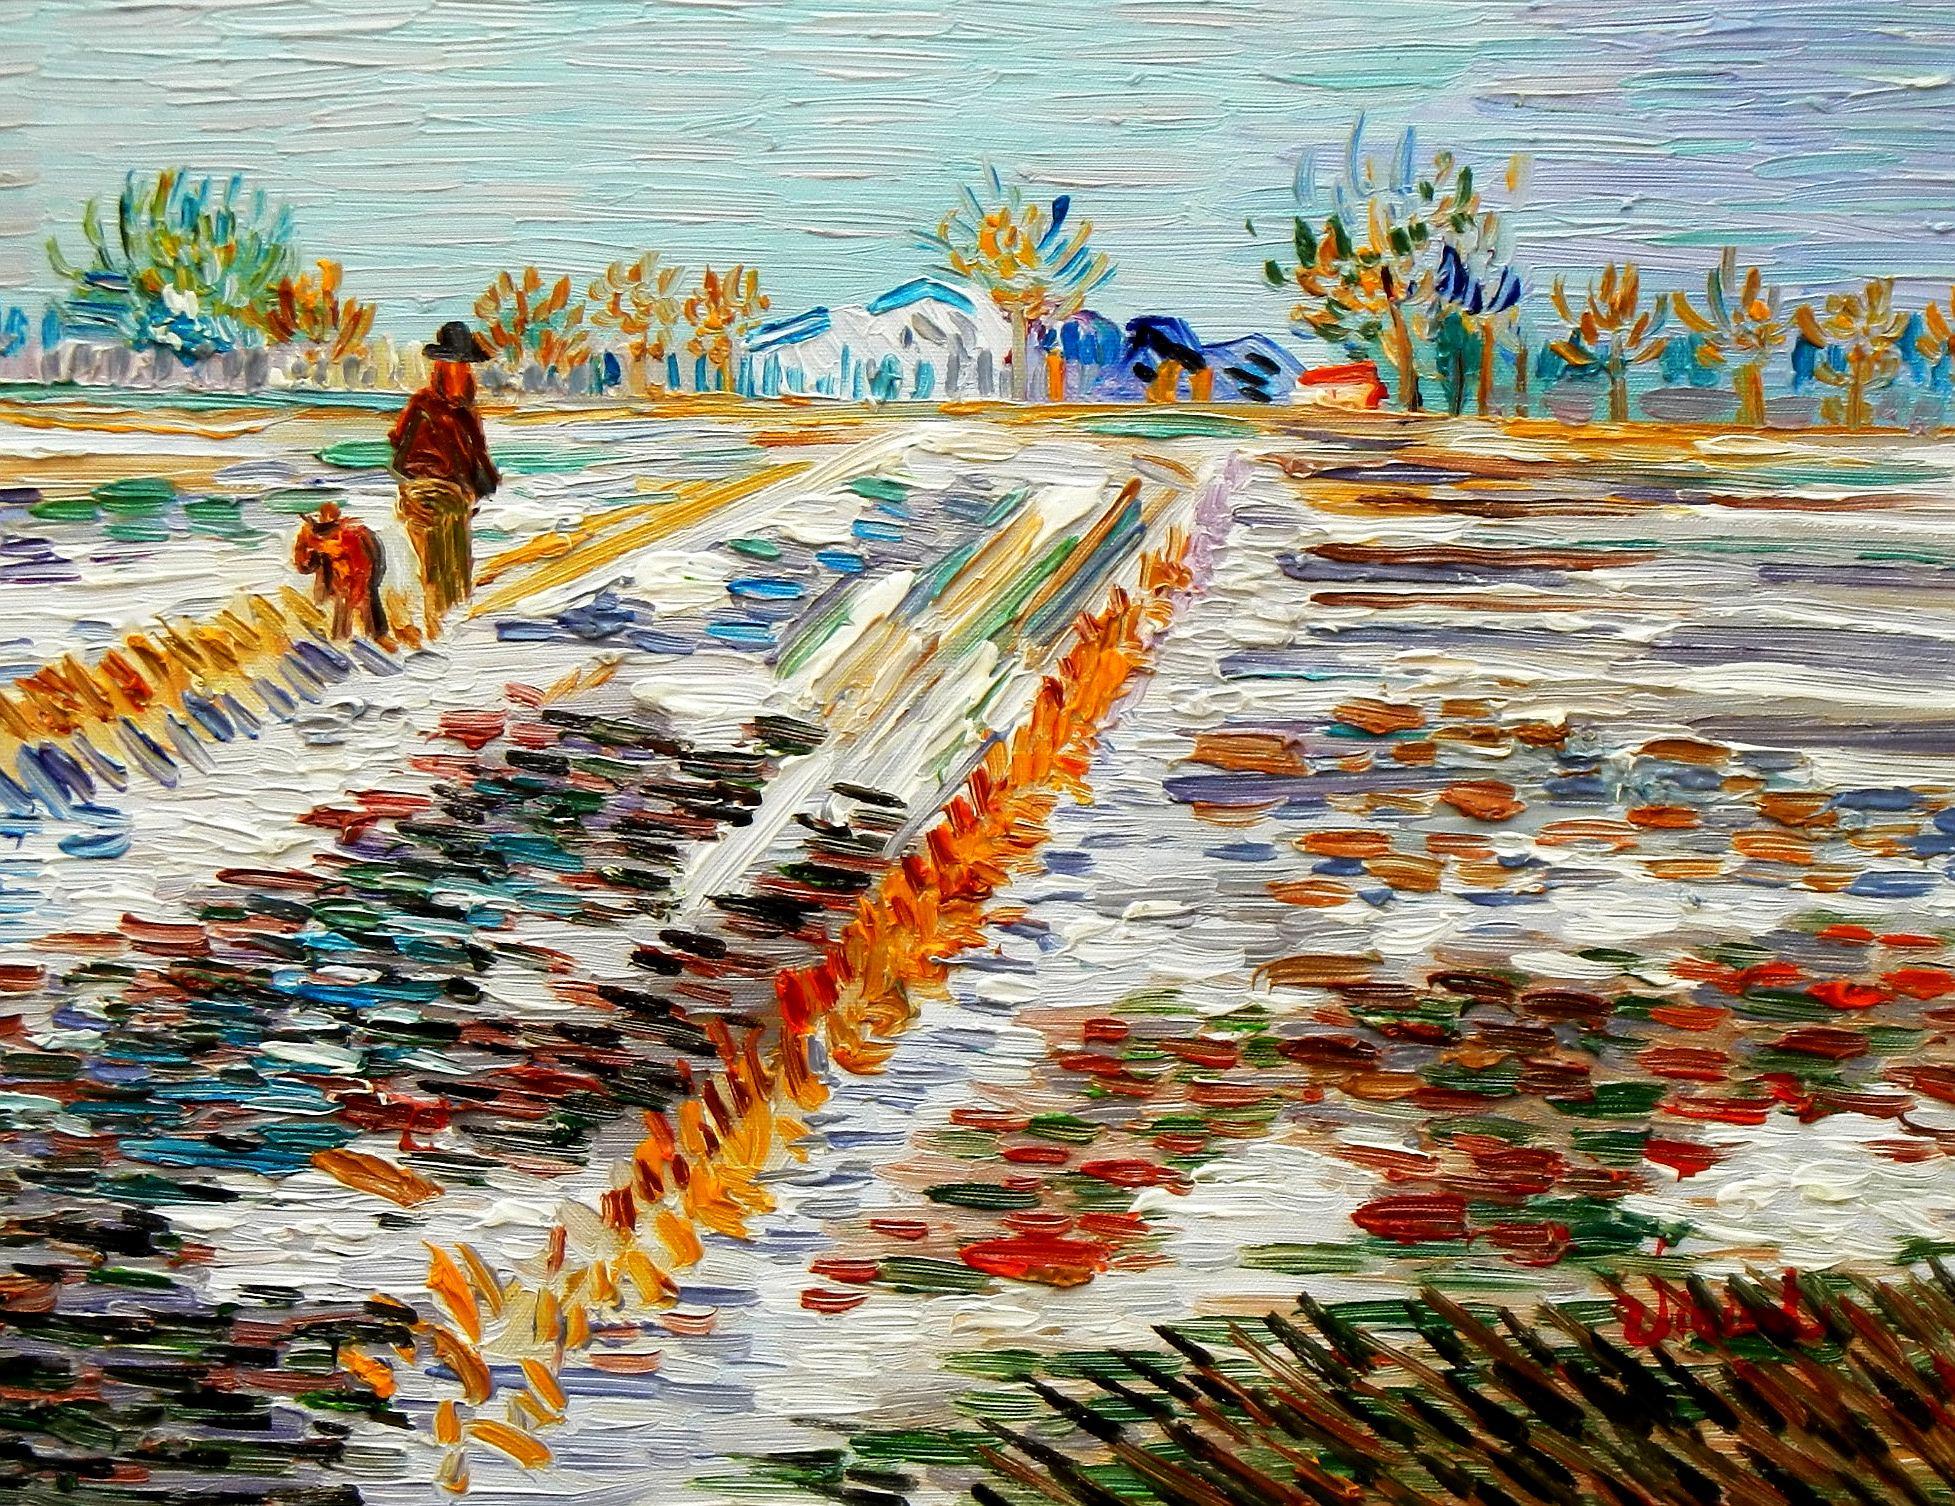 Vincent van Gogh - Landschaft mit Schnee a94143 30x40cm Ölbild handgemalt